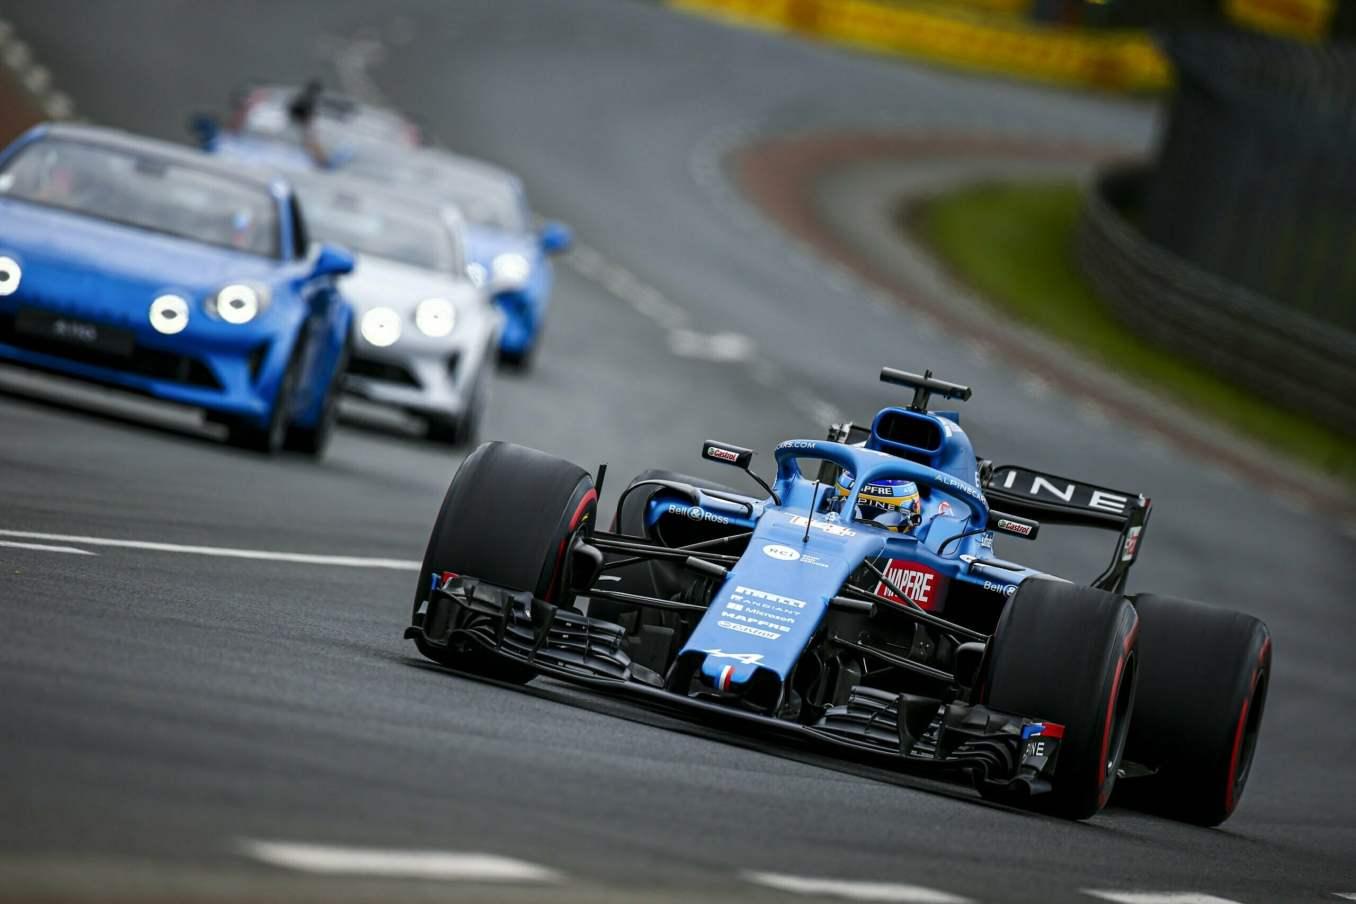 Une F1 aux 24h du Mans et une parade impregnee de passion 4 scaled | Les 24h du mans d'Alpine Endurance Team en photos